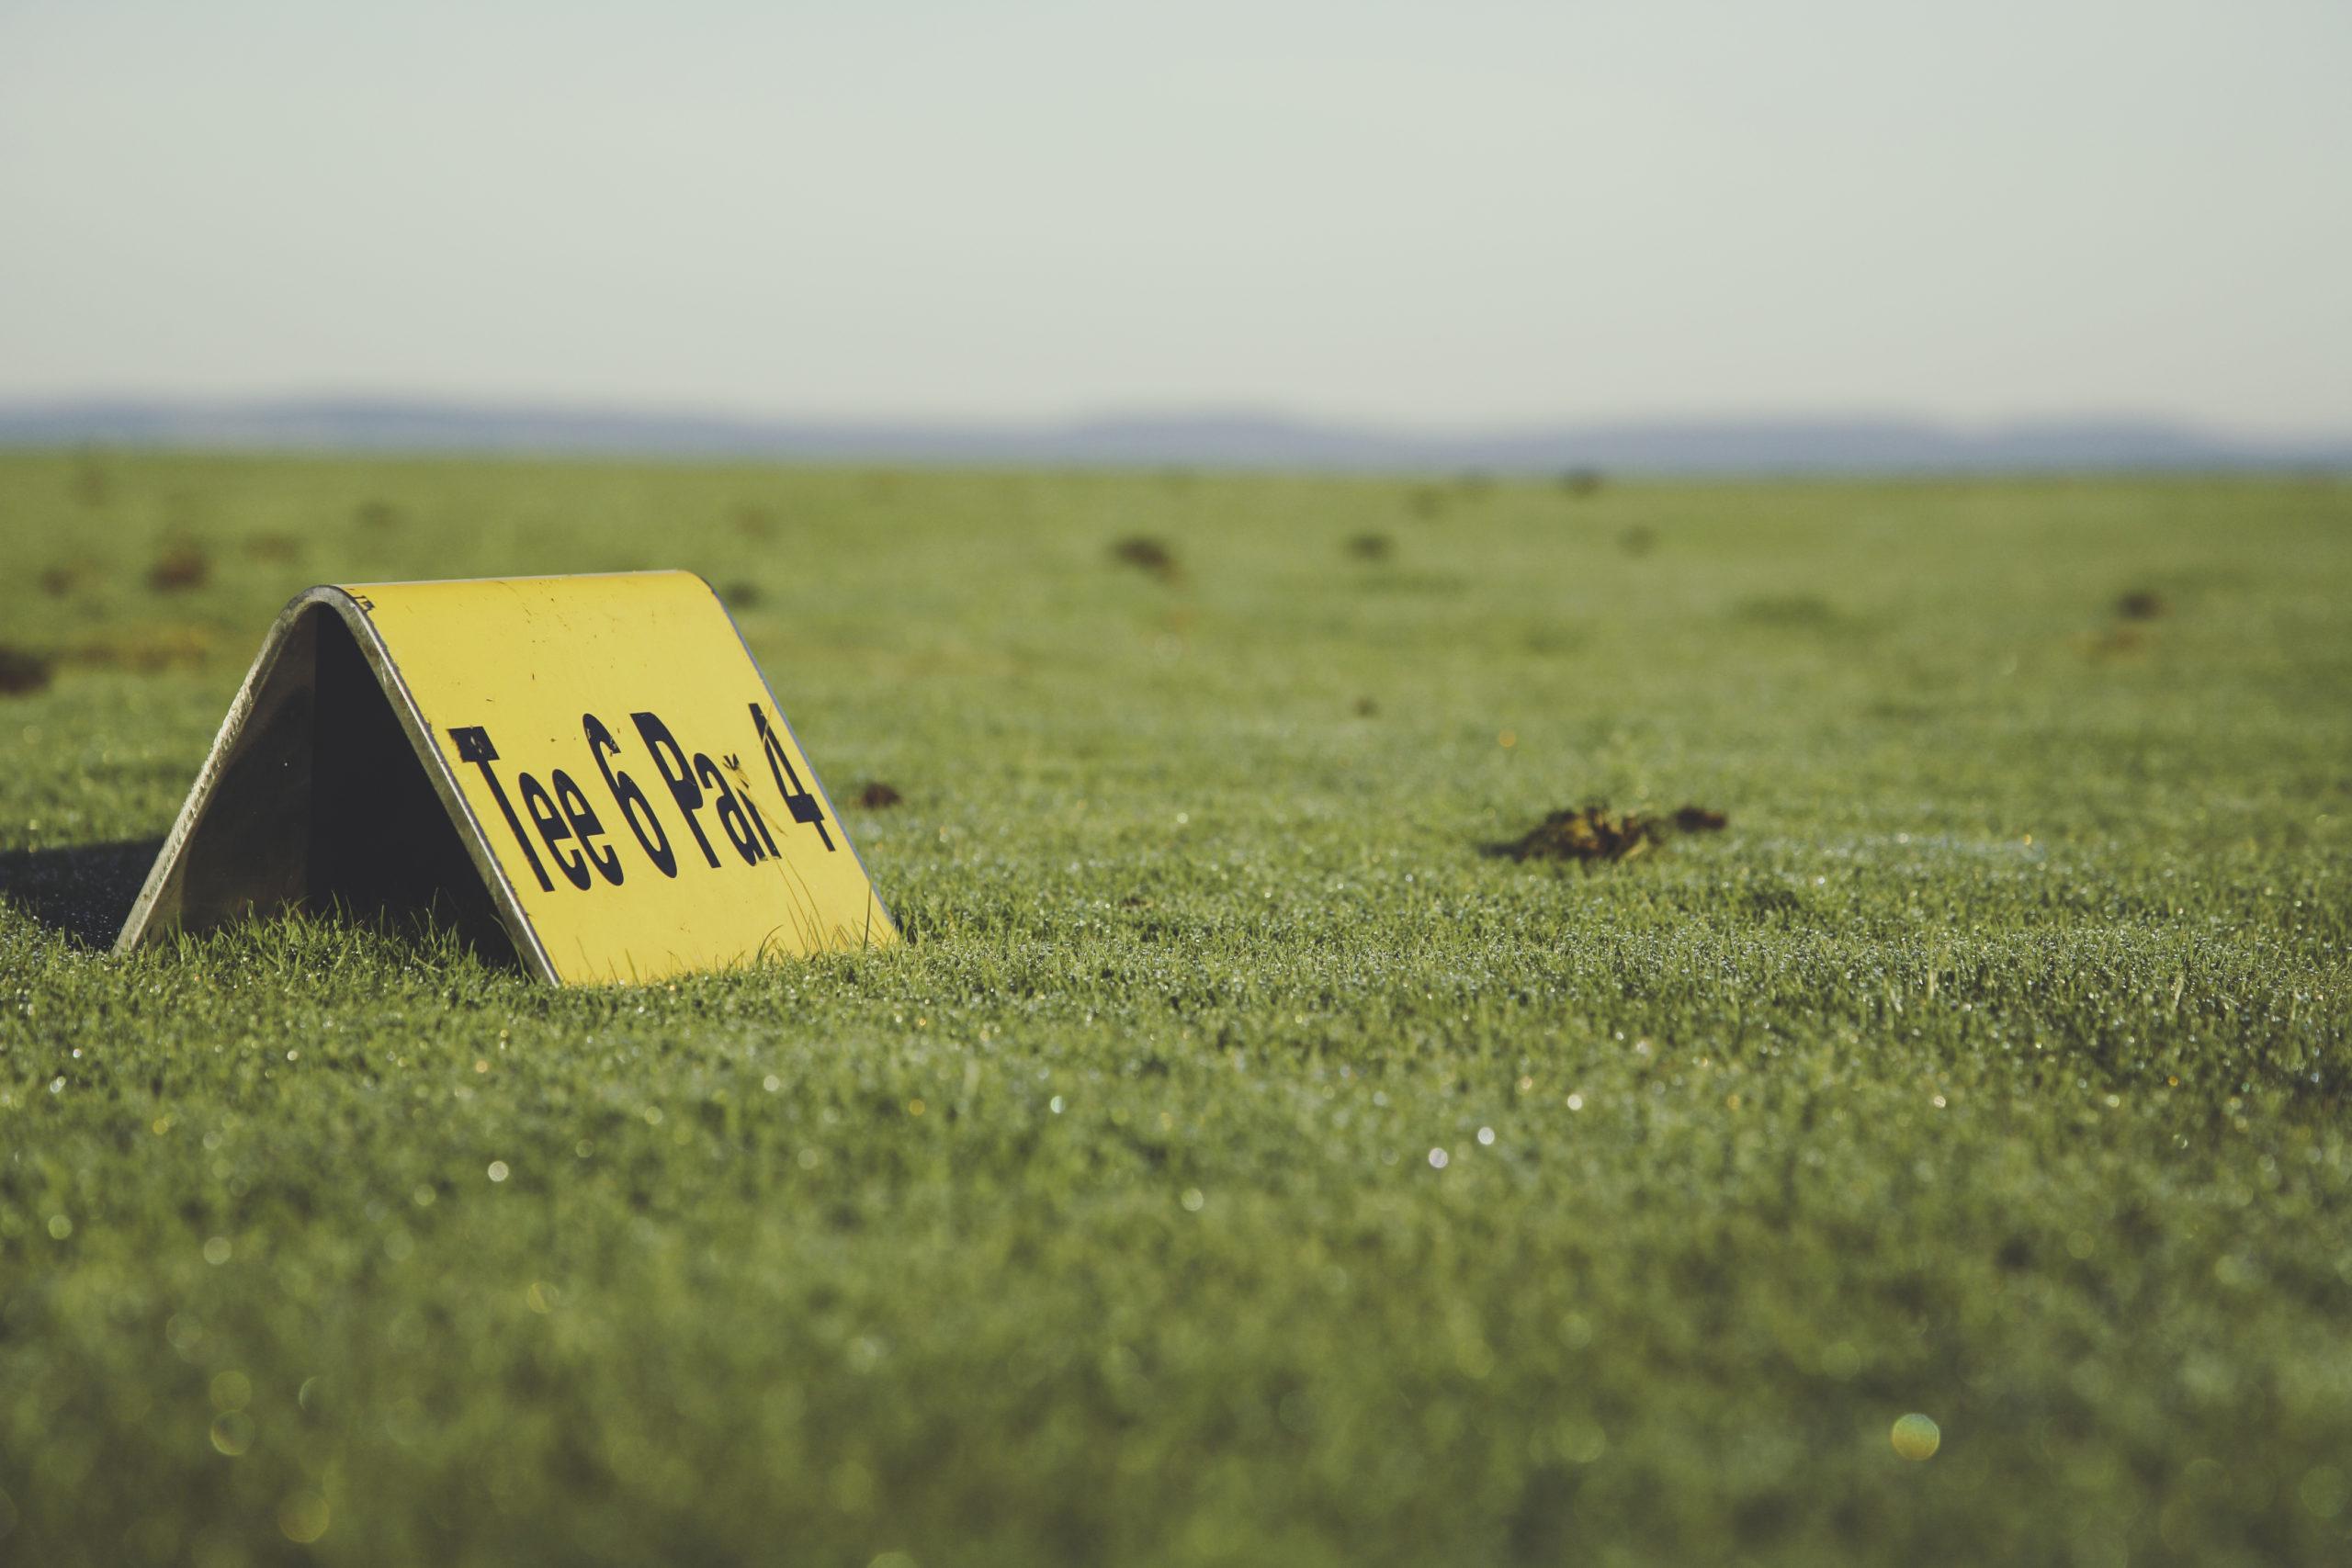 【初心者向け】ゴルフコンペで最低限チェックすべきルールとは?!